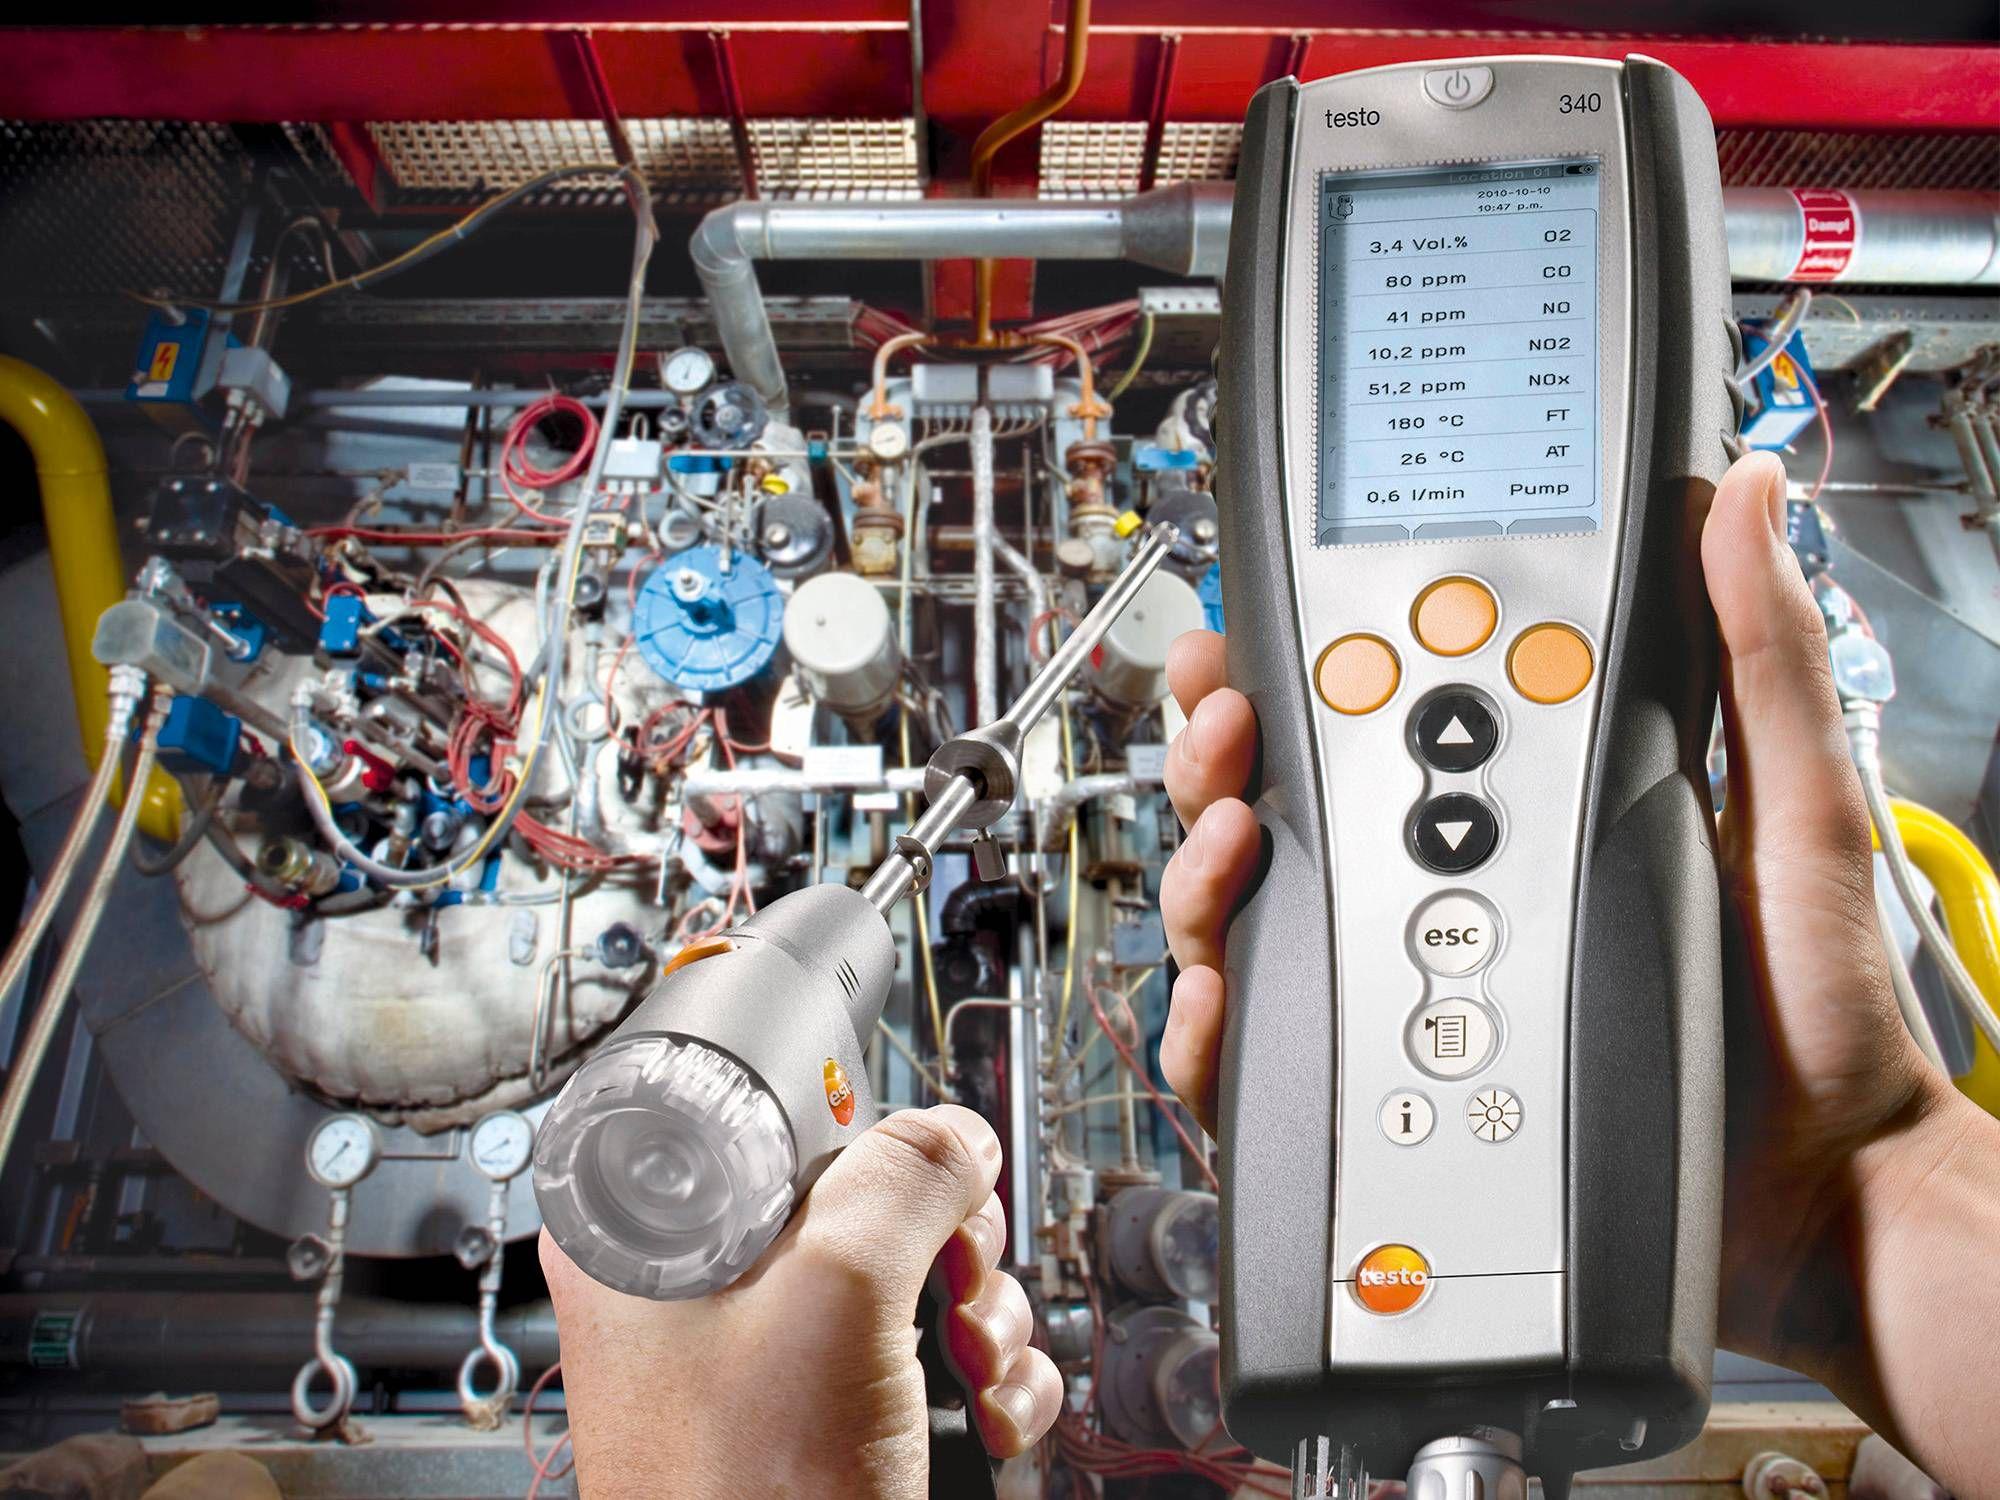 Mjerenje ispušnih plinova Testo